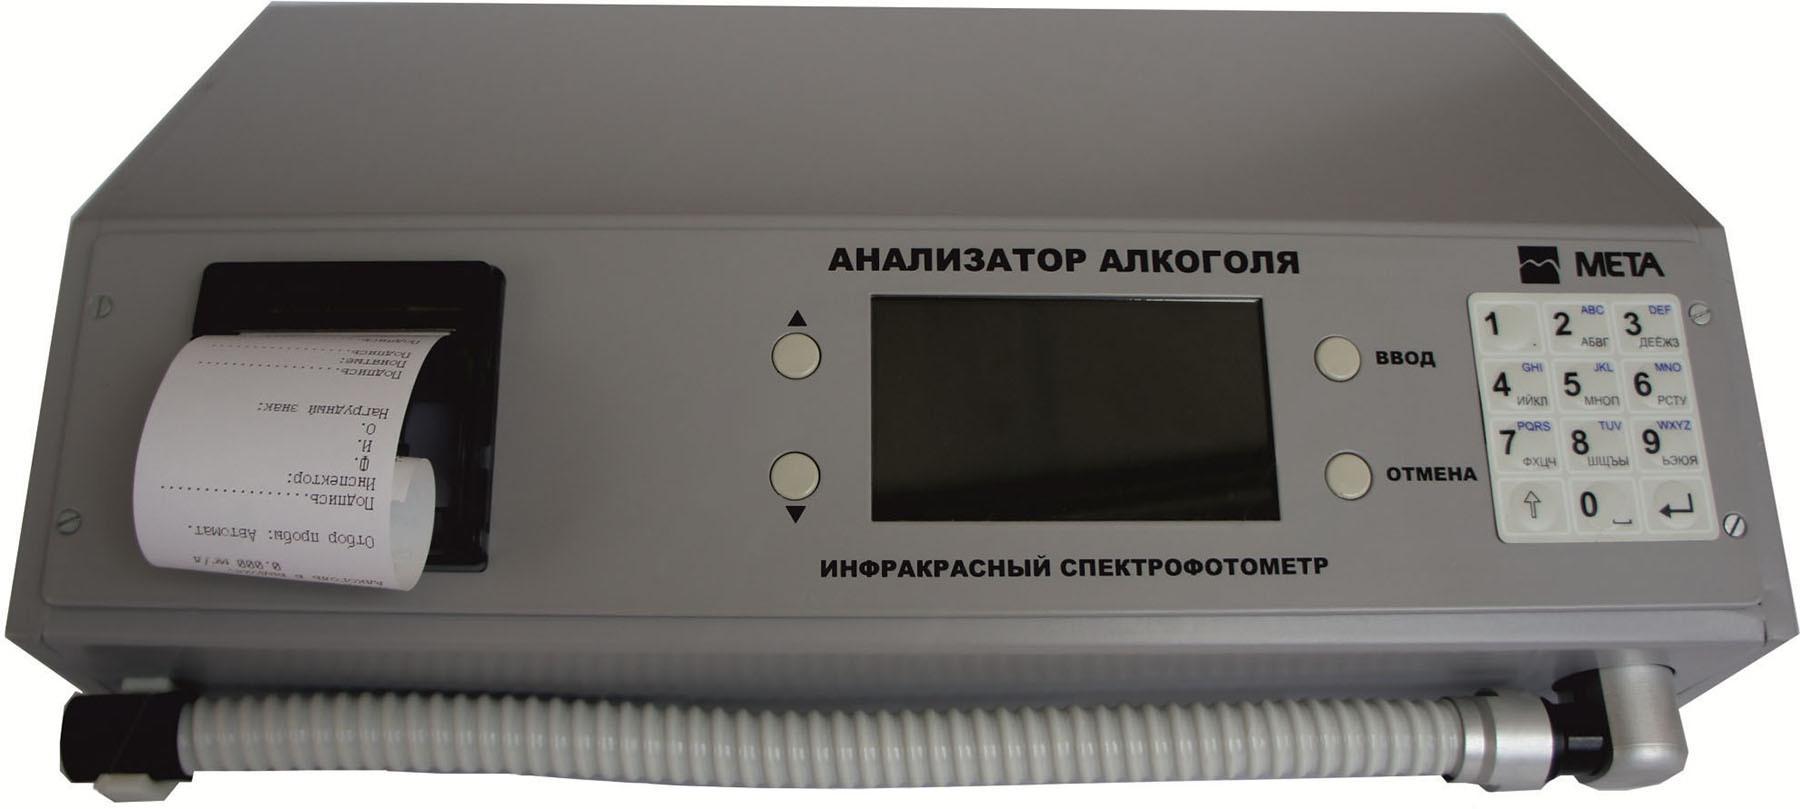 прибор АКПЭ 01.01-01 Мета, который выдает результаты при освидетельствовании на алкоголь